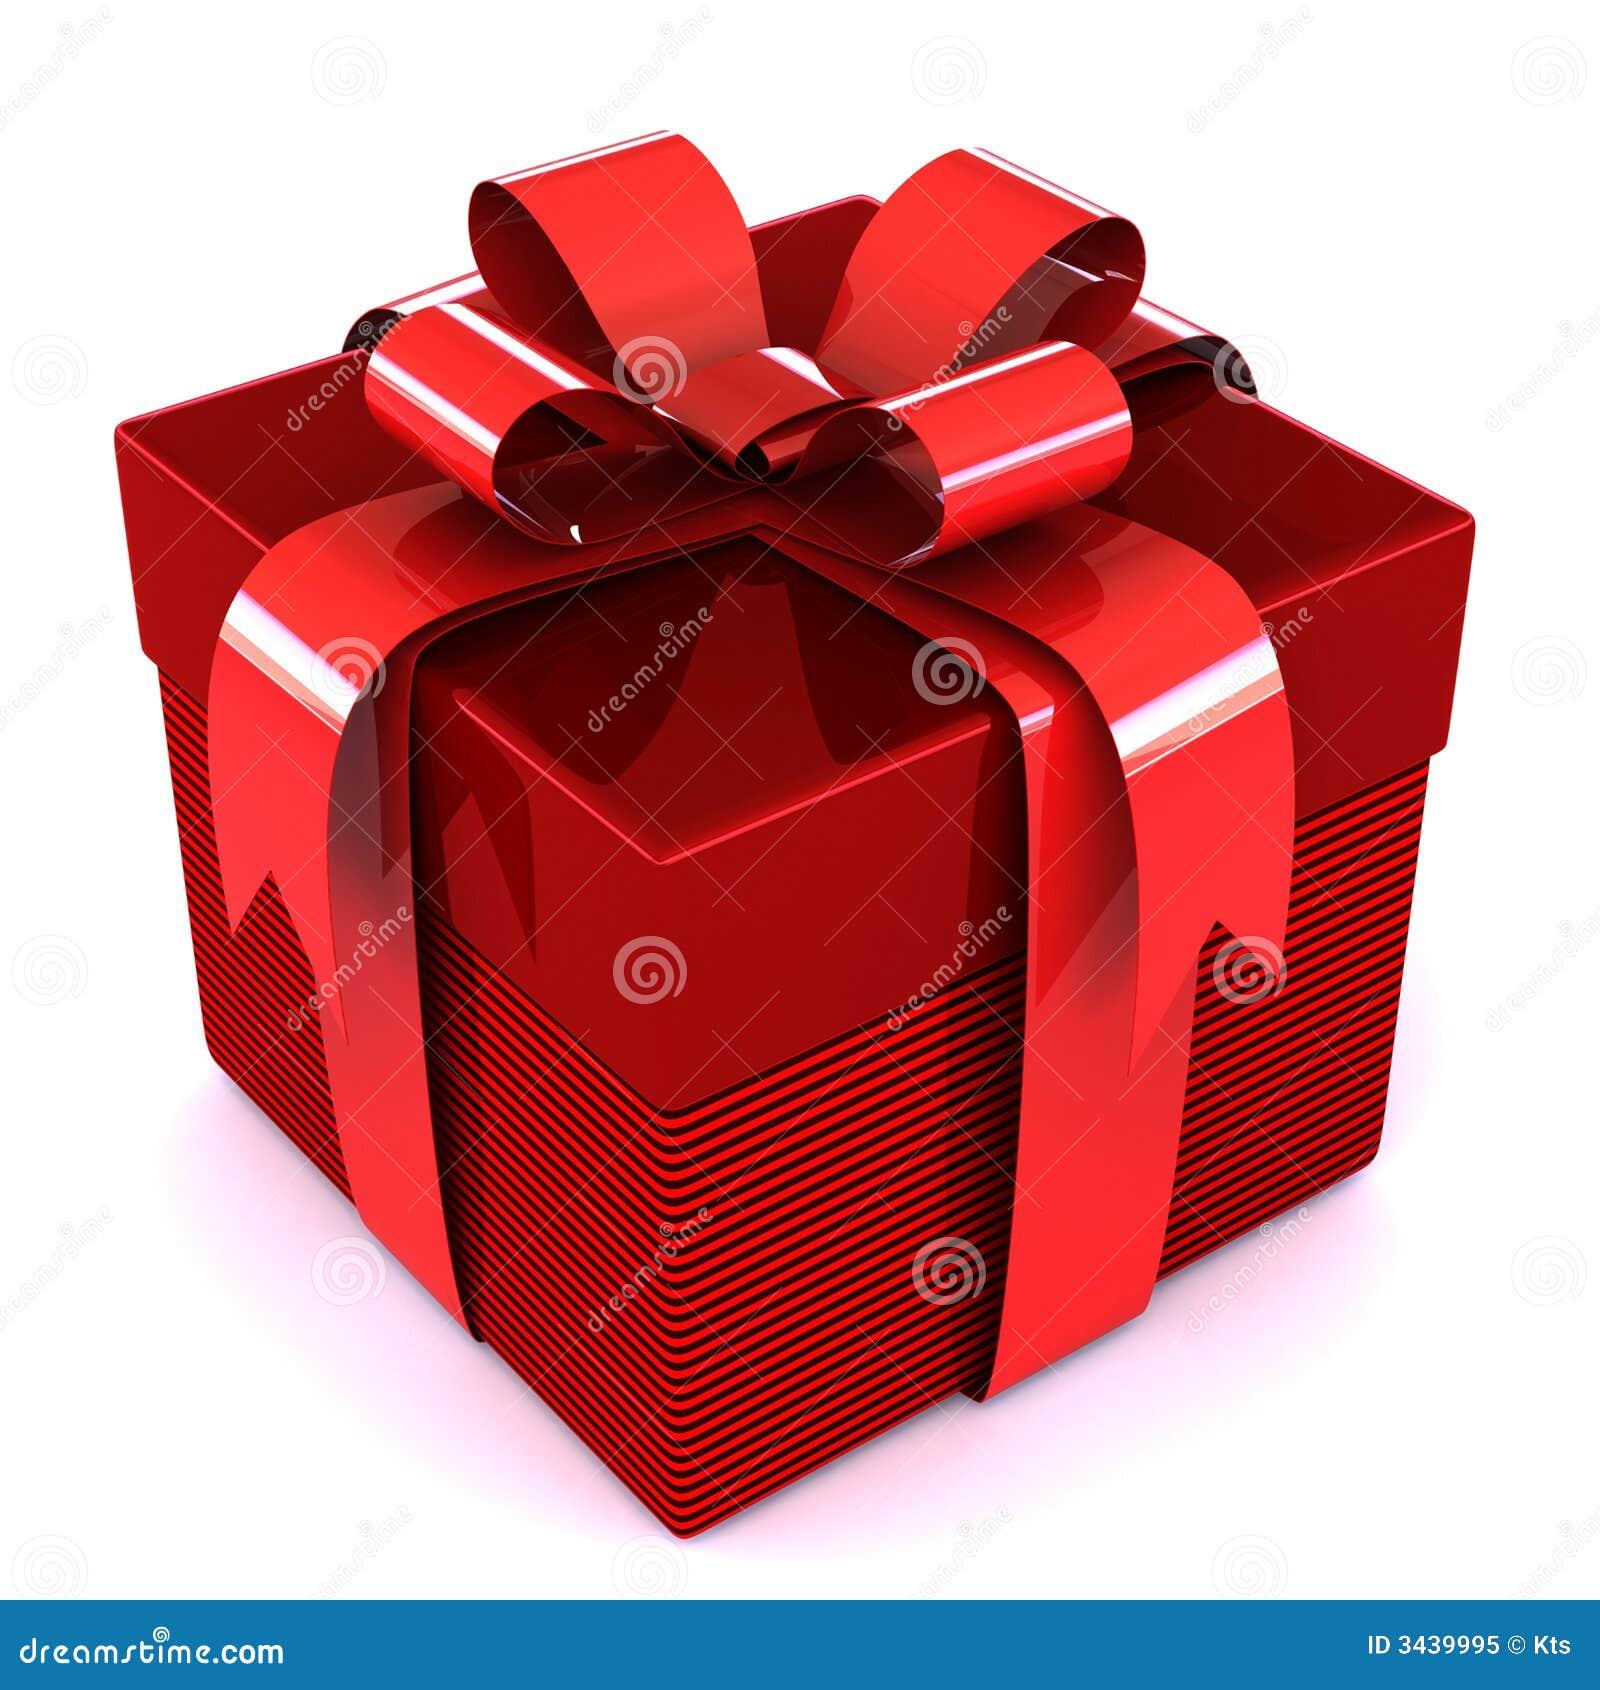 Дарим подарки за лайки